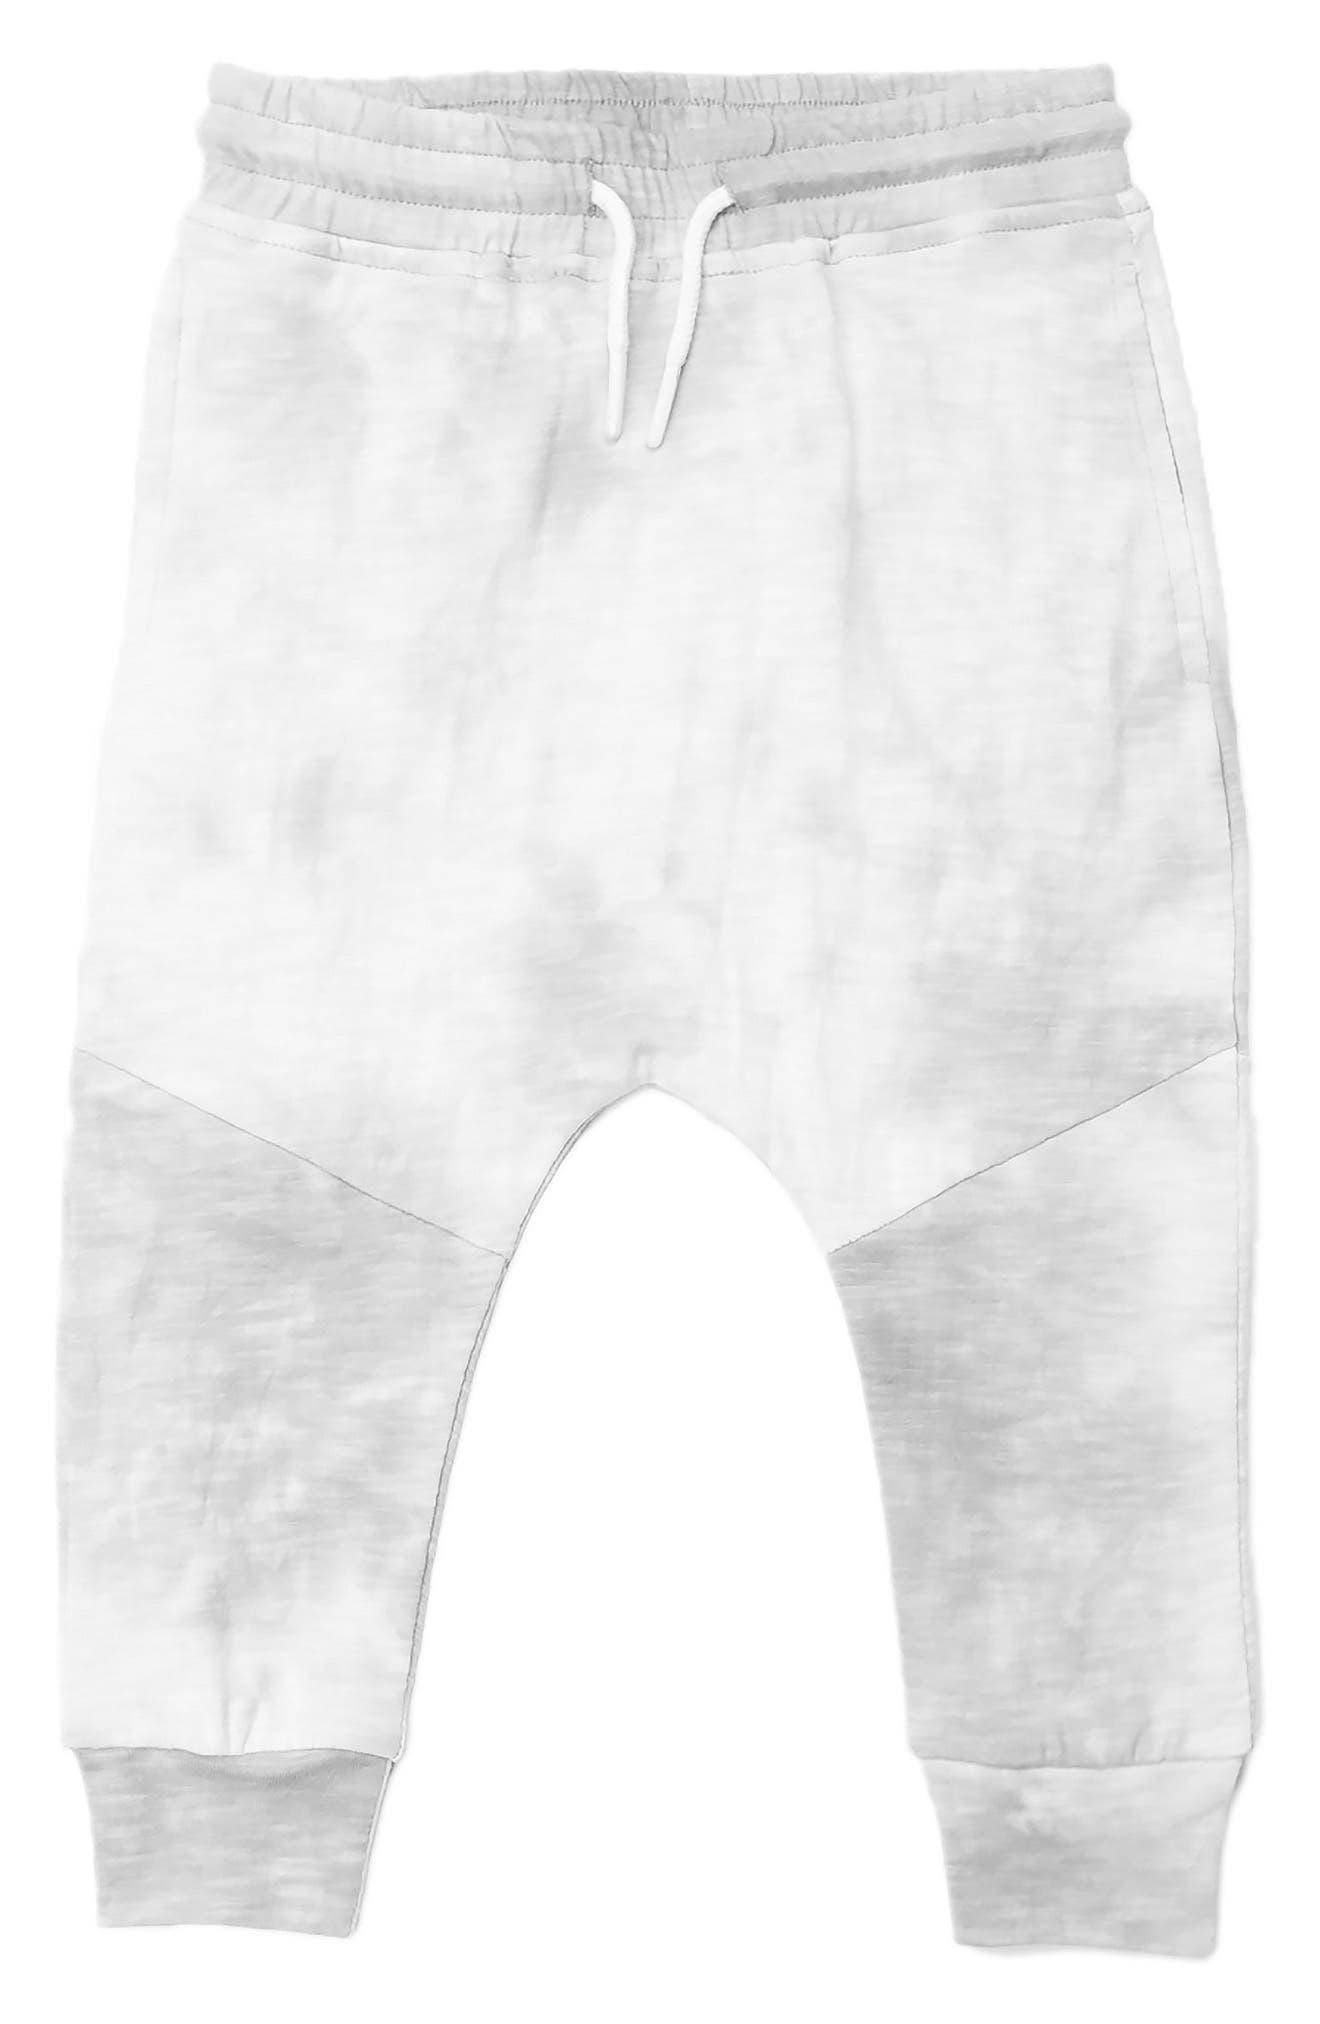 Ax Jogger Pants,                             Main thumbnail 1, color,                             Grey